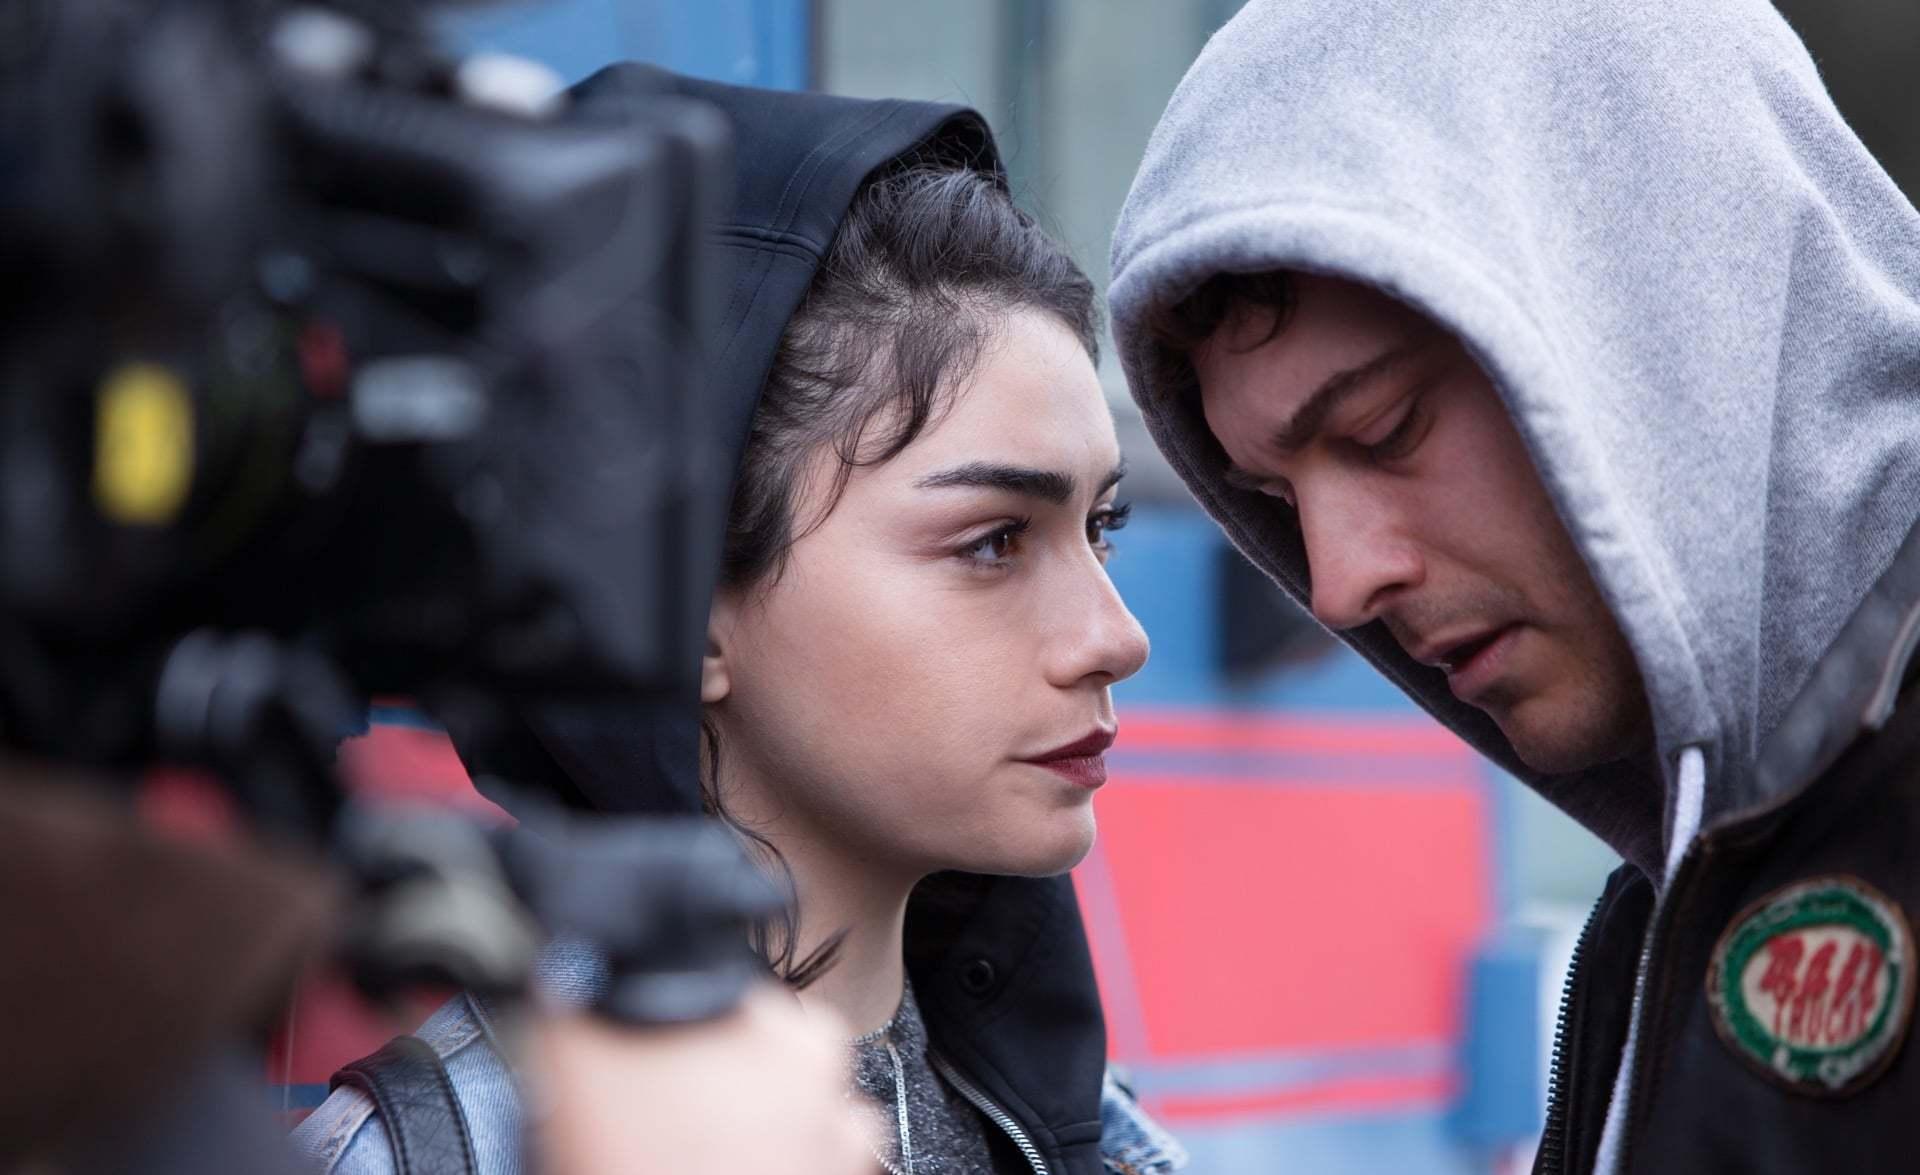 Netflix'in İlk Türk Orijinal Dizisi Hakan: Muhafız'ın Yönetmenleriyle Röportaj